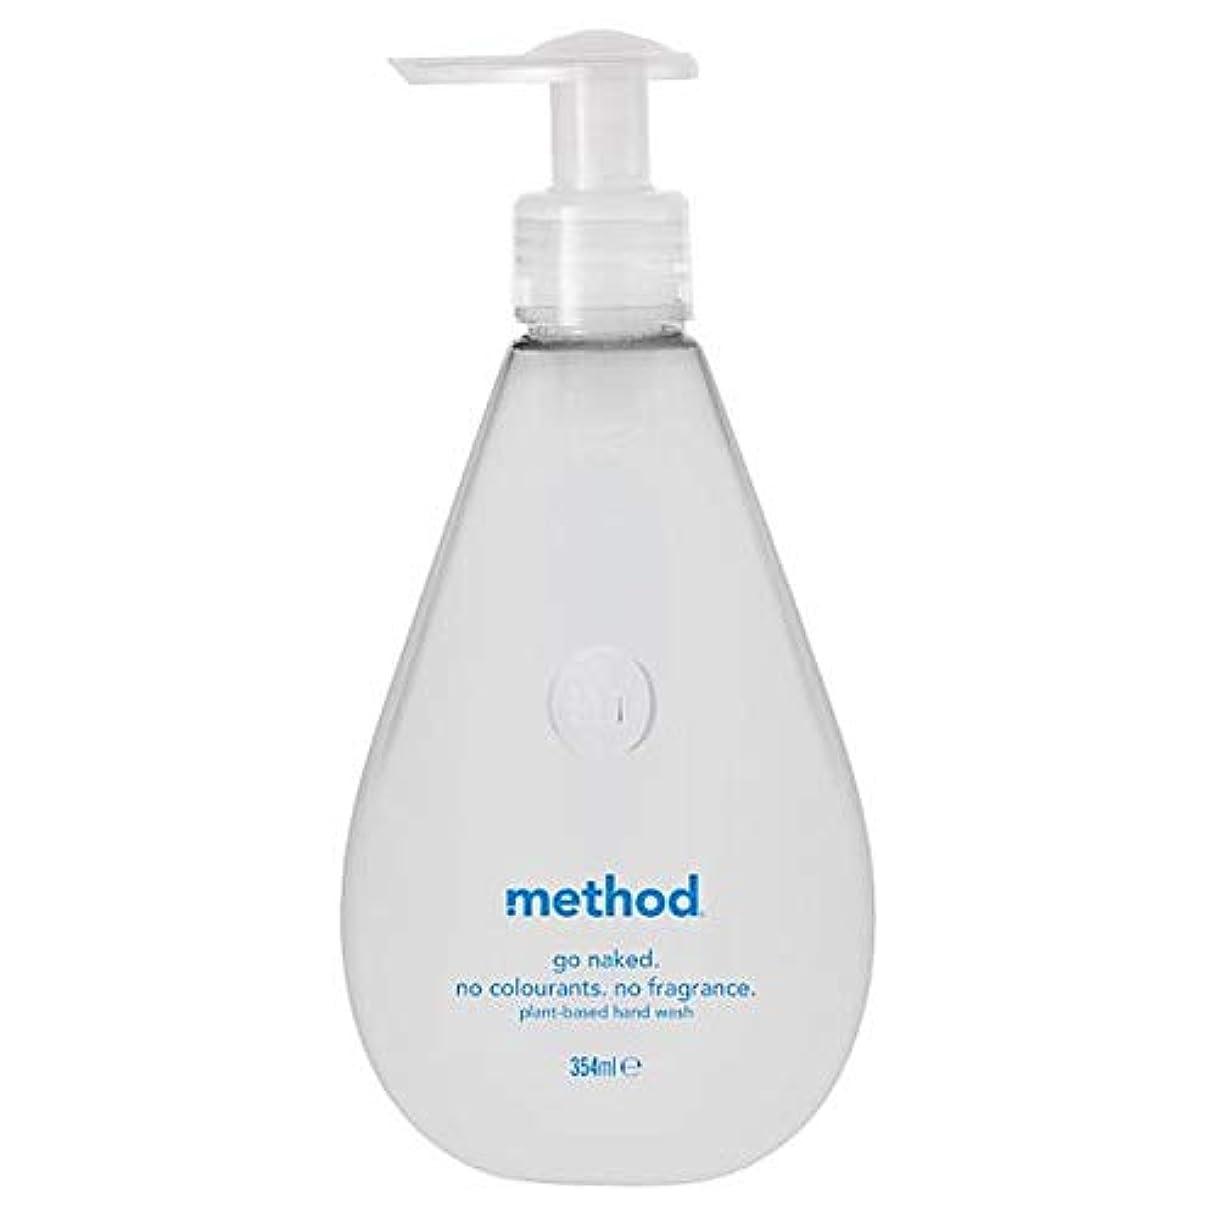 オデュッセウス漁師デンマーク[Method ] 方法裸手洗いゲル354ミリリットル - Method Naked Hand Wash Gel 354Ml [並行輸入品]